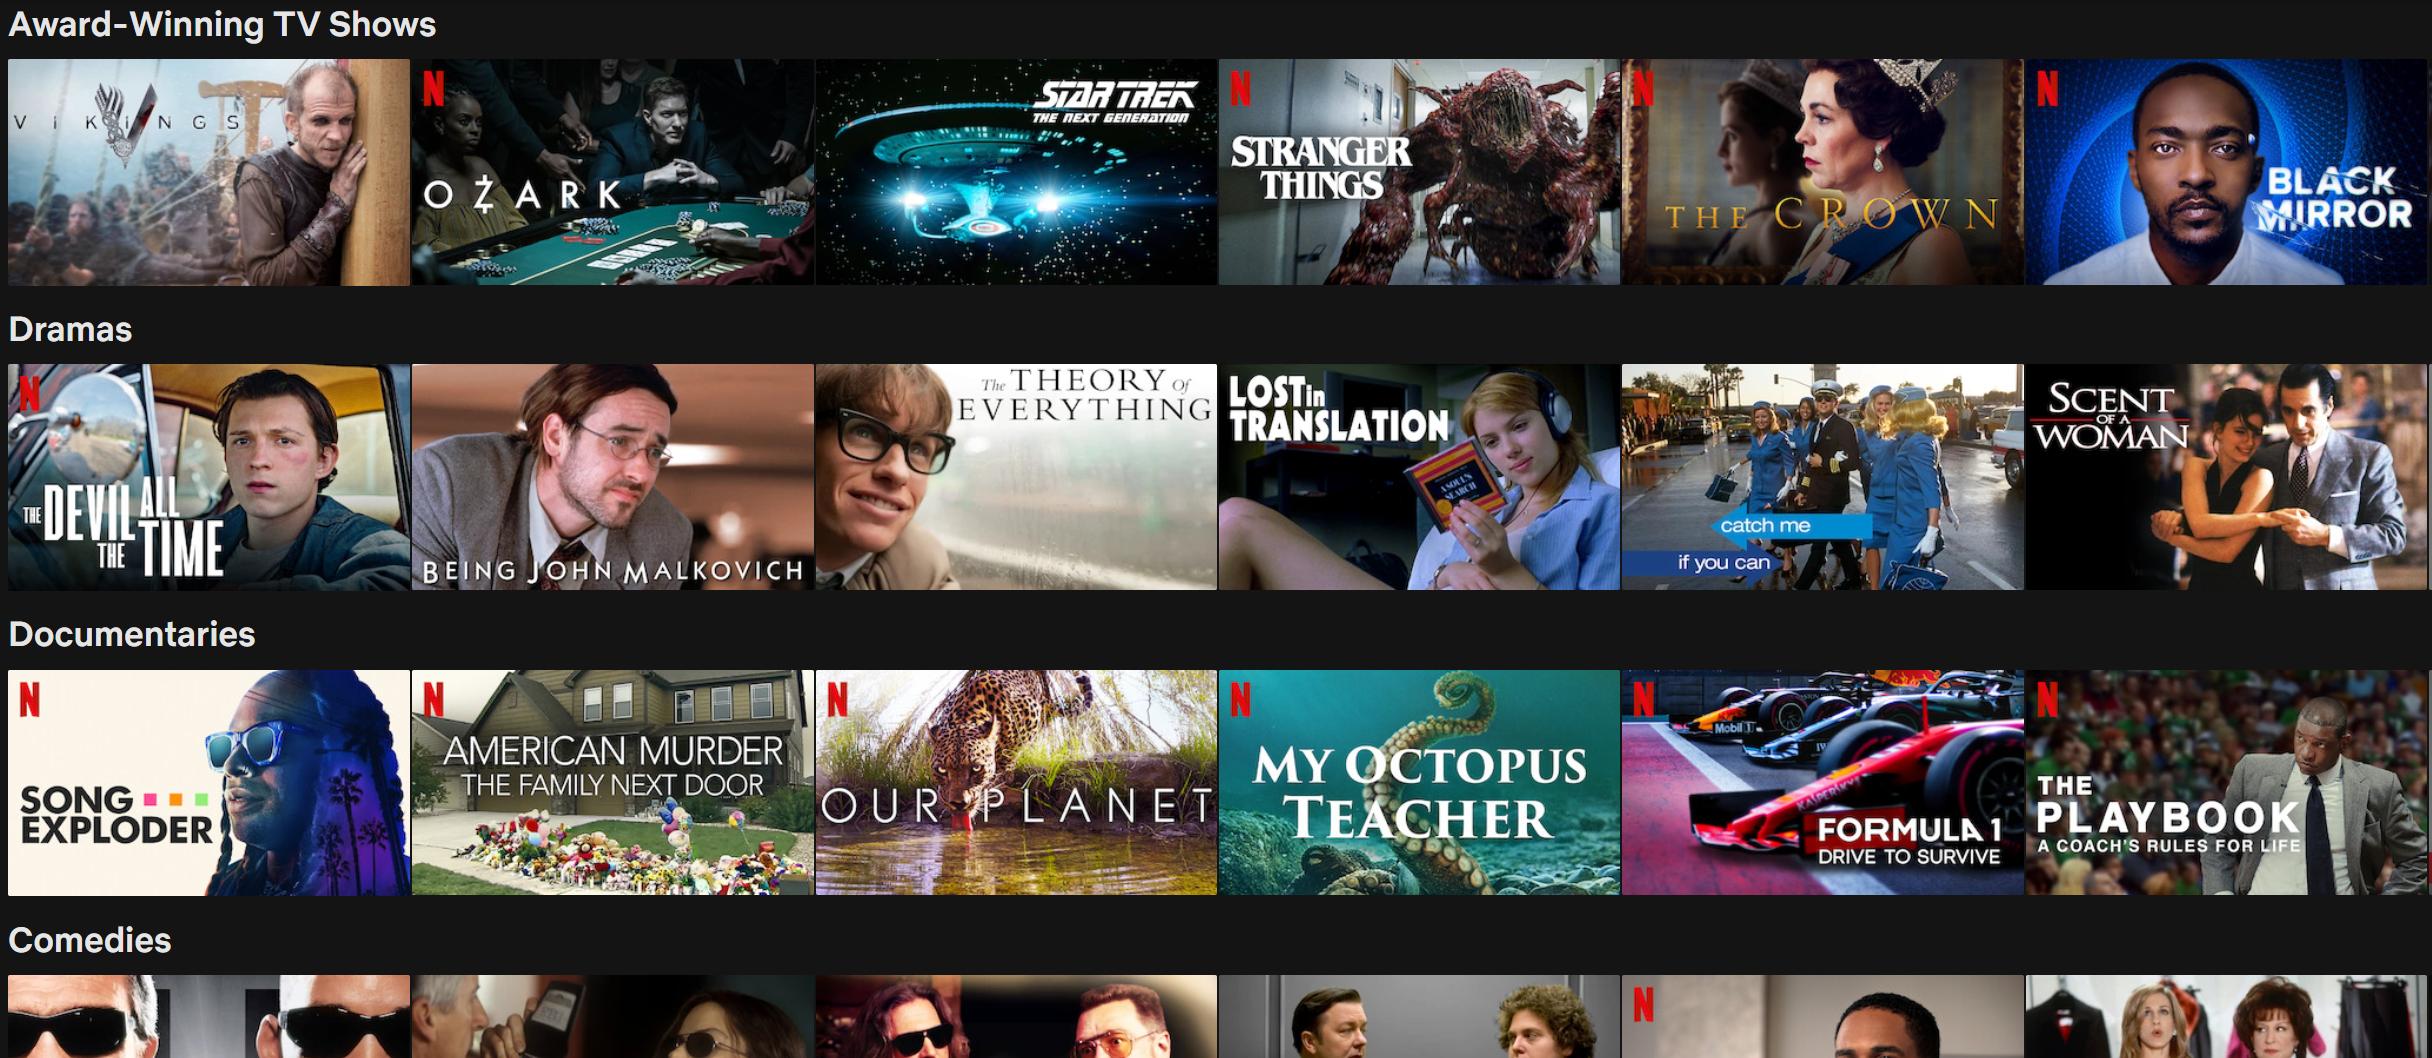 Как Нетфликс использует нейросетки при создании сериалов - 6